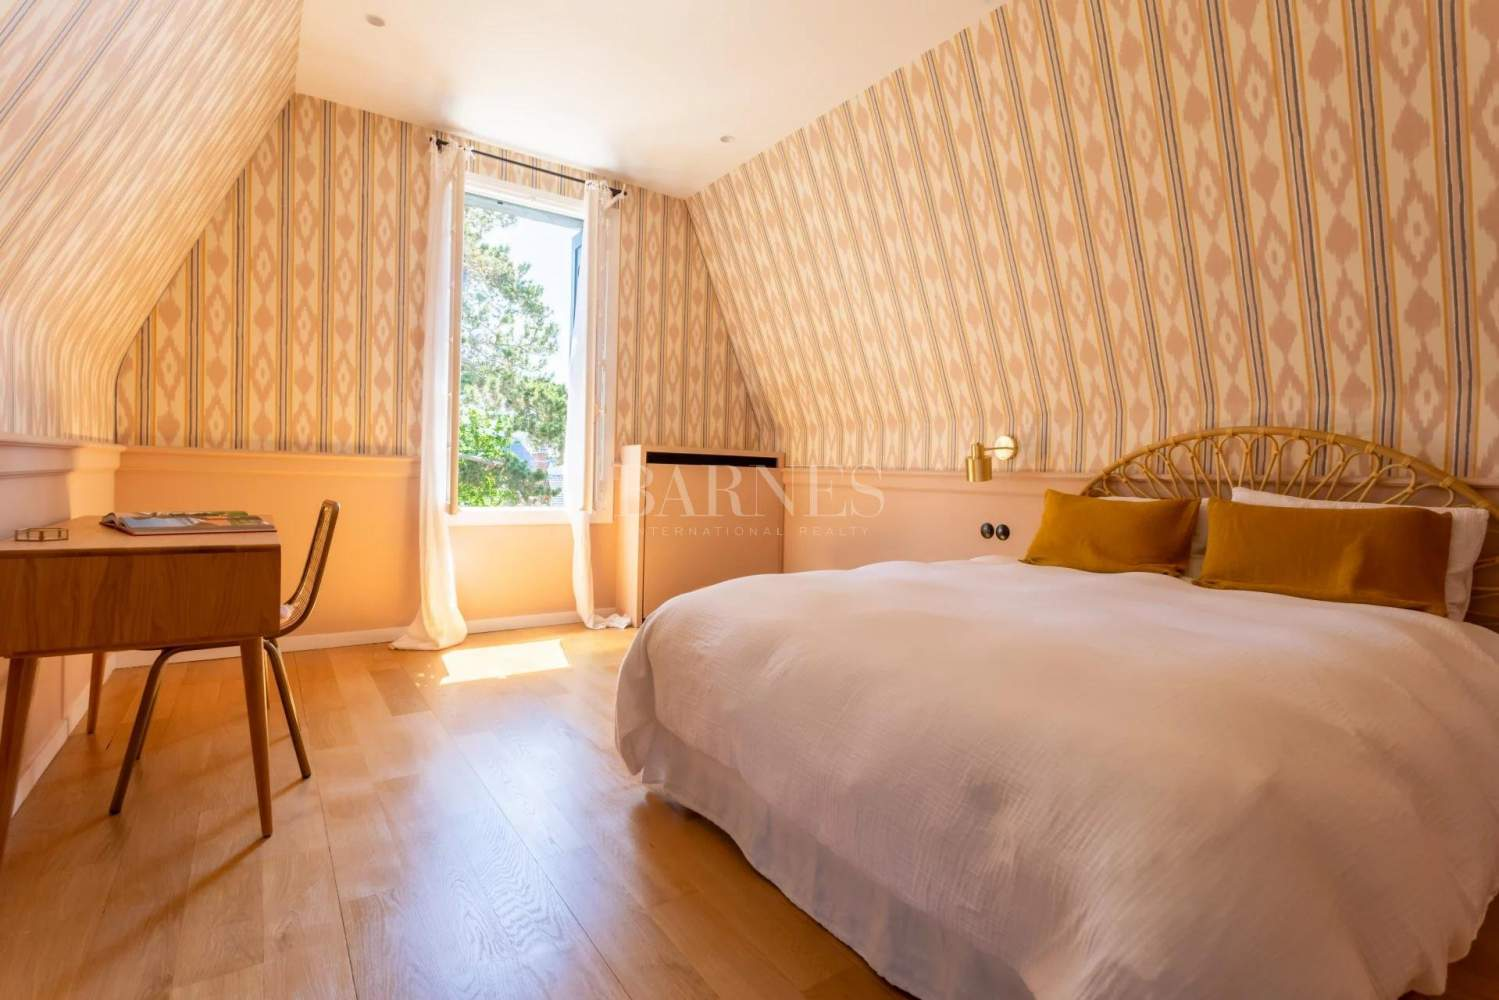 Villa secteur résidentiel calme de Deauville, proche de la plage picture 9